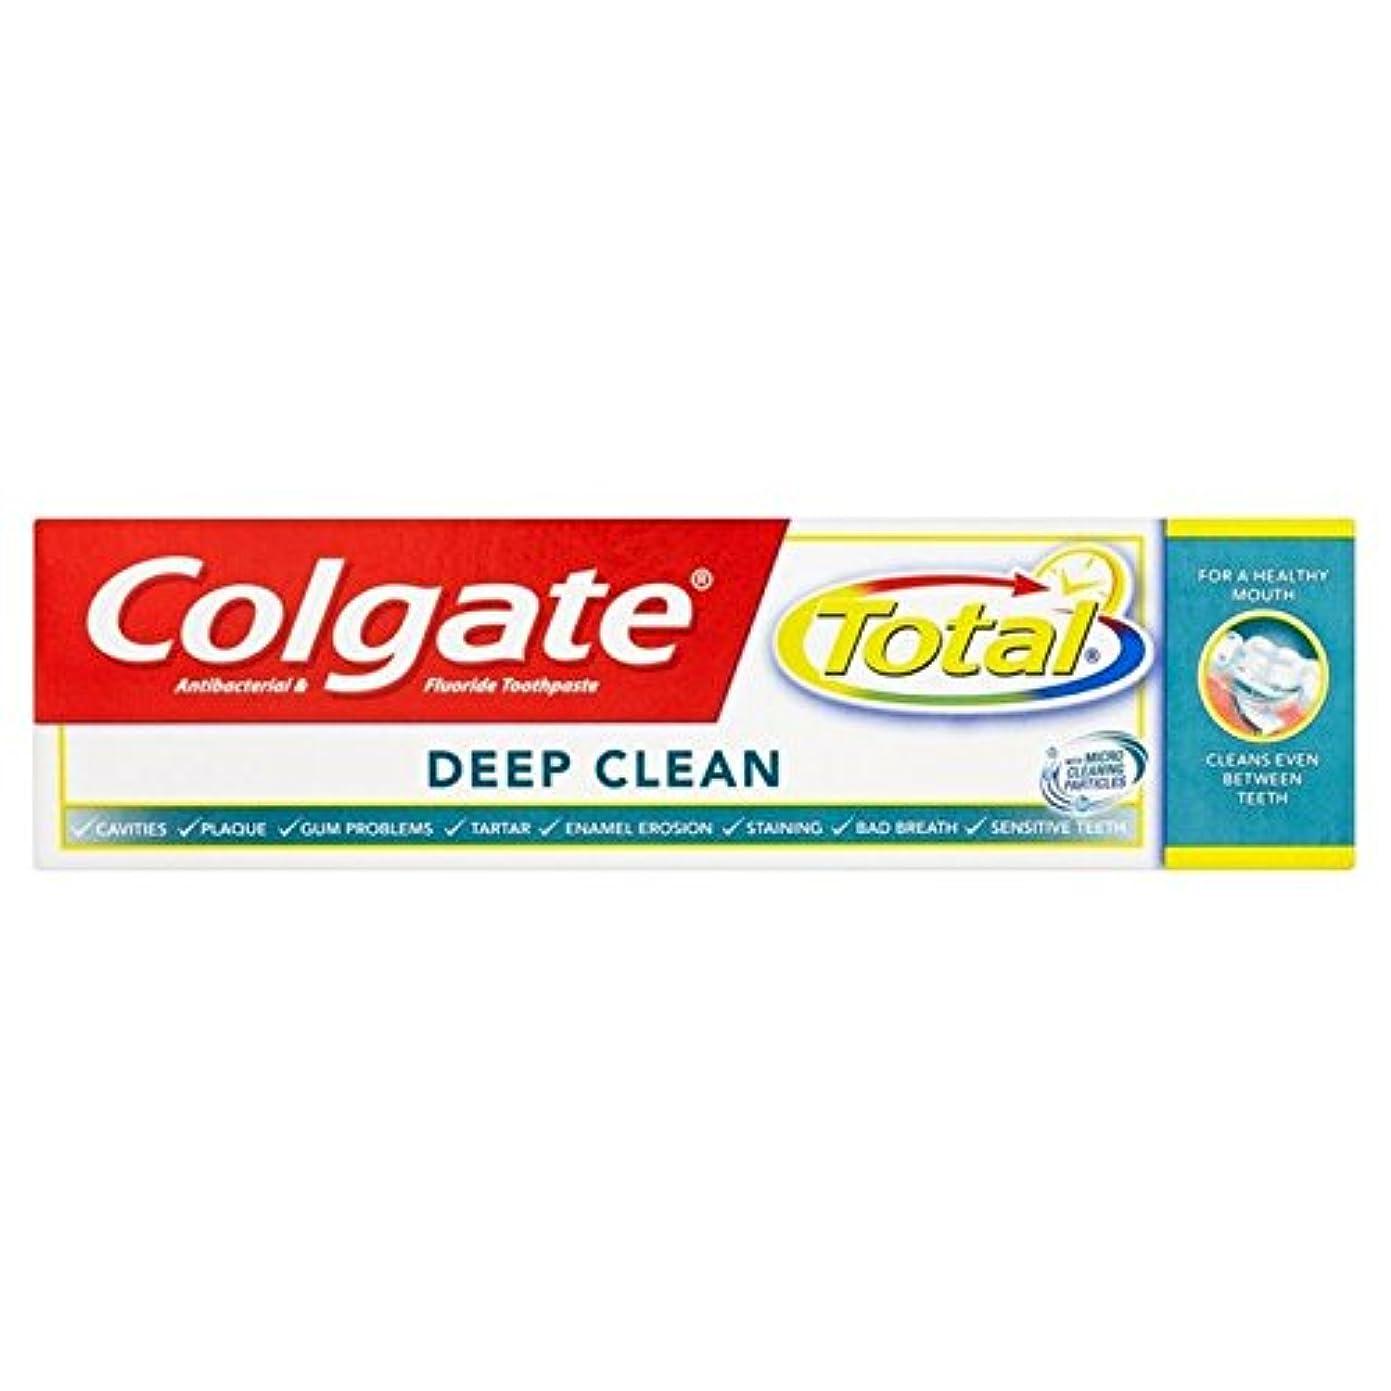 簡略化するズームインする連邦Colgate Total Deep Clean Toothpaste 75ml - コルゲートトータル深いクリーン歯磨き粉75ミリリットル [並行輸入品]